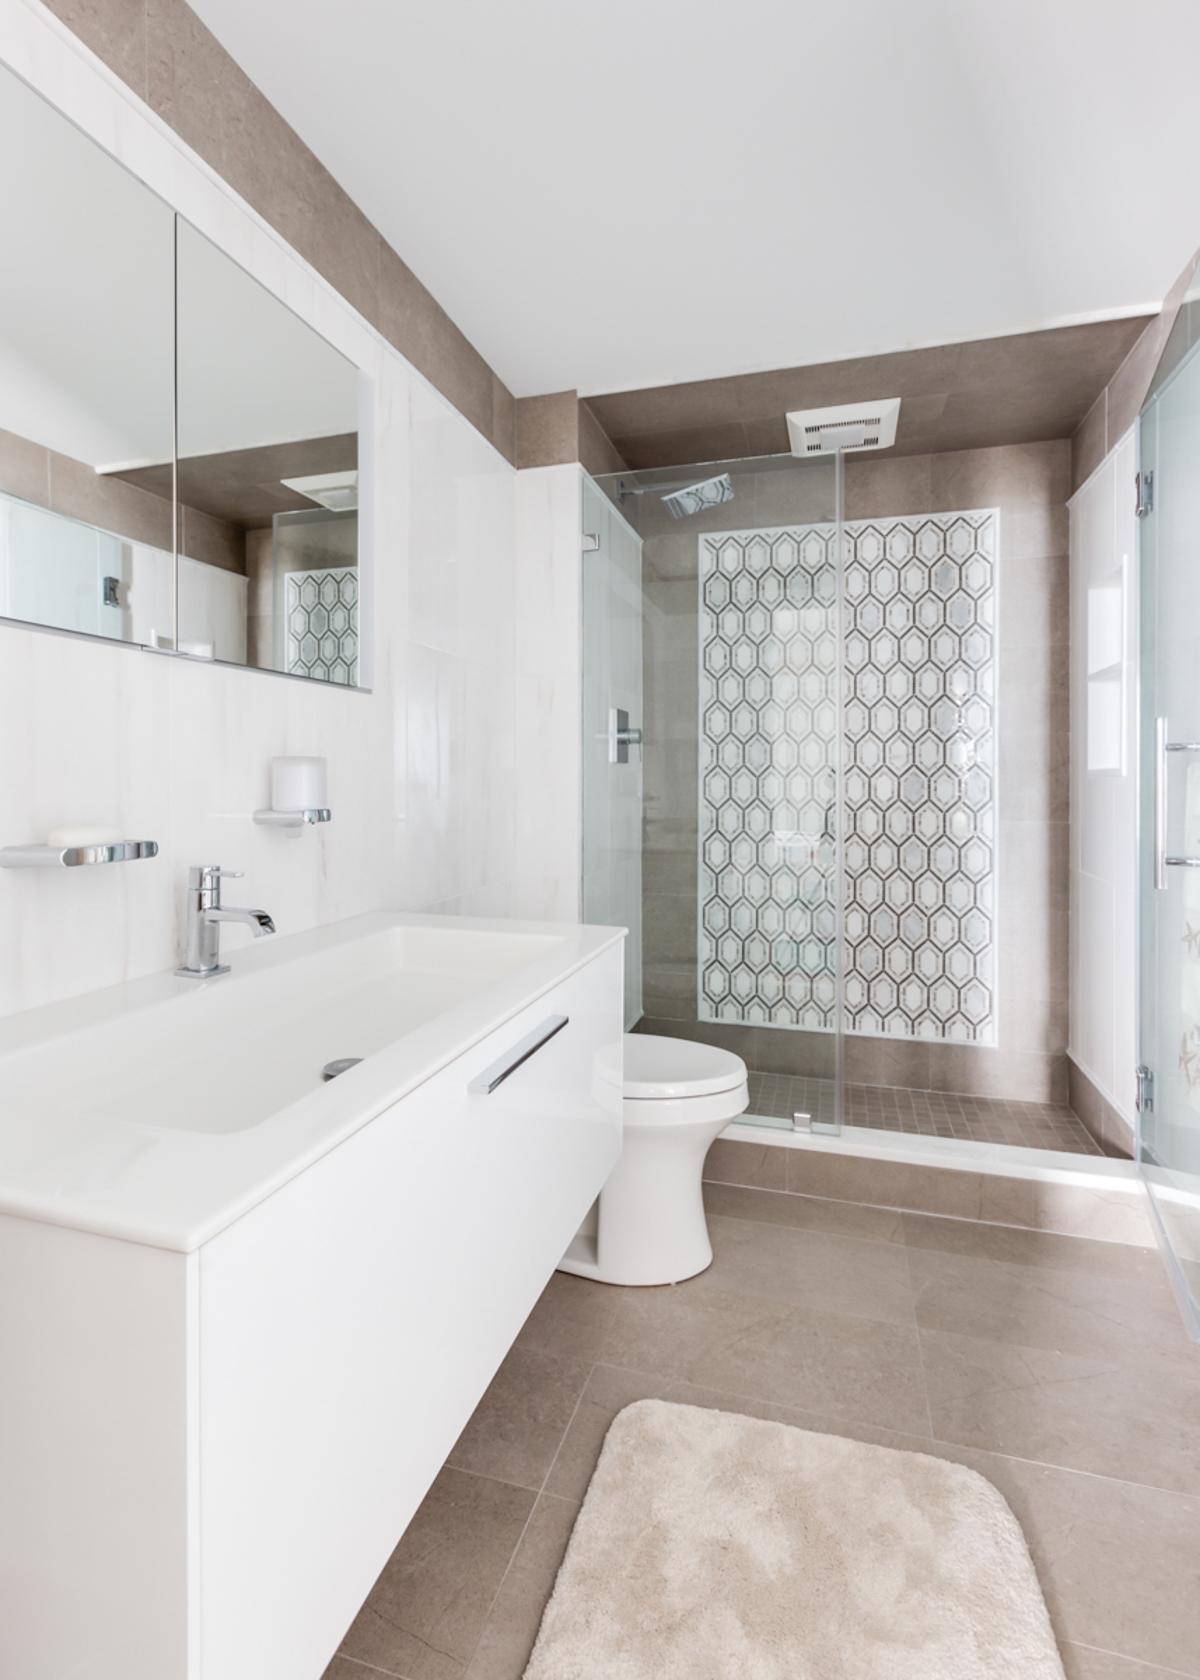 Bathroom remodel gallery boardwalk builders for Bathroom remodel under 5 000